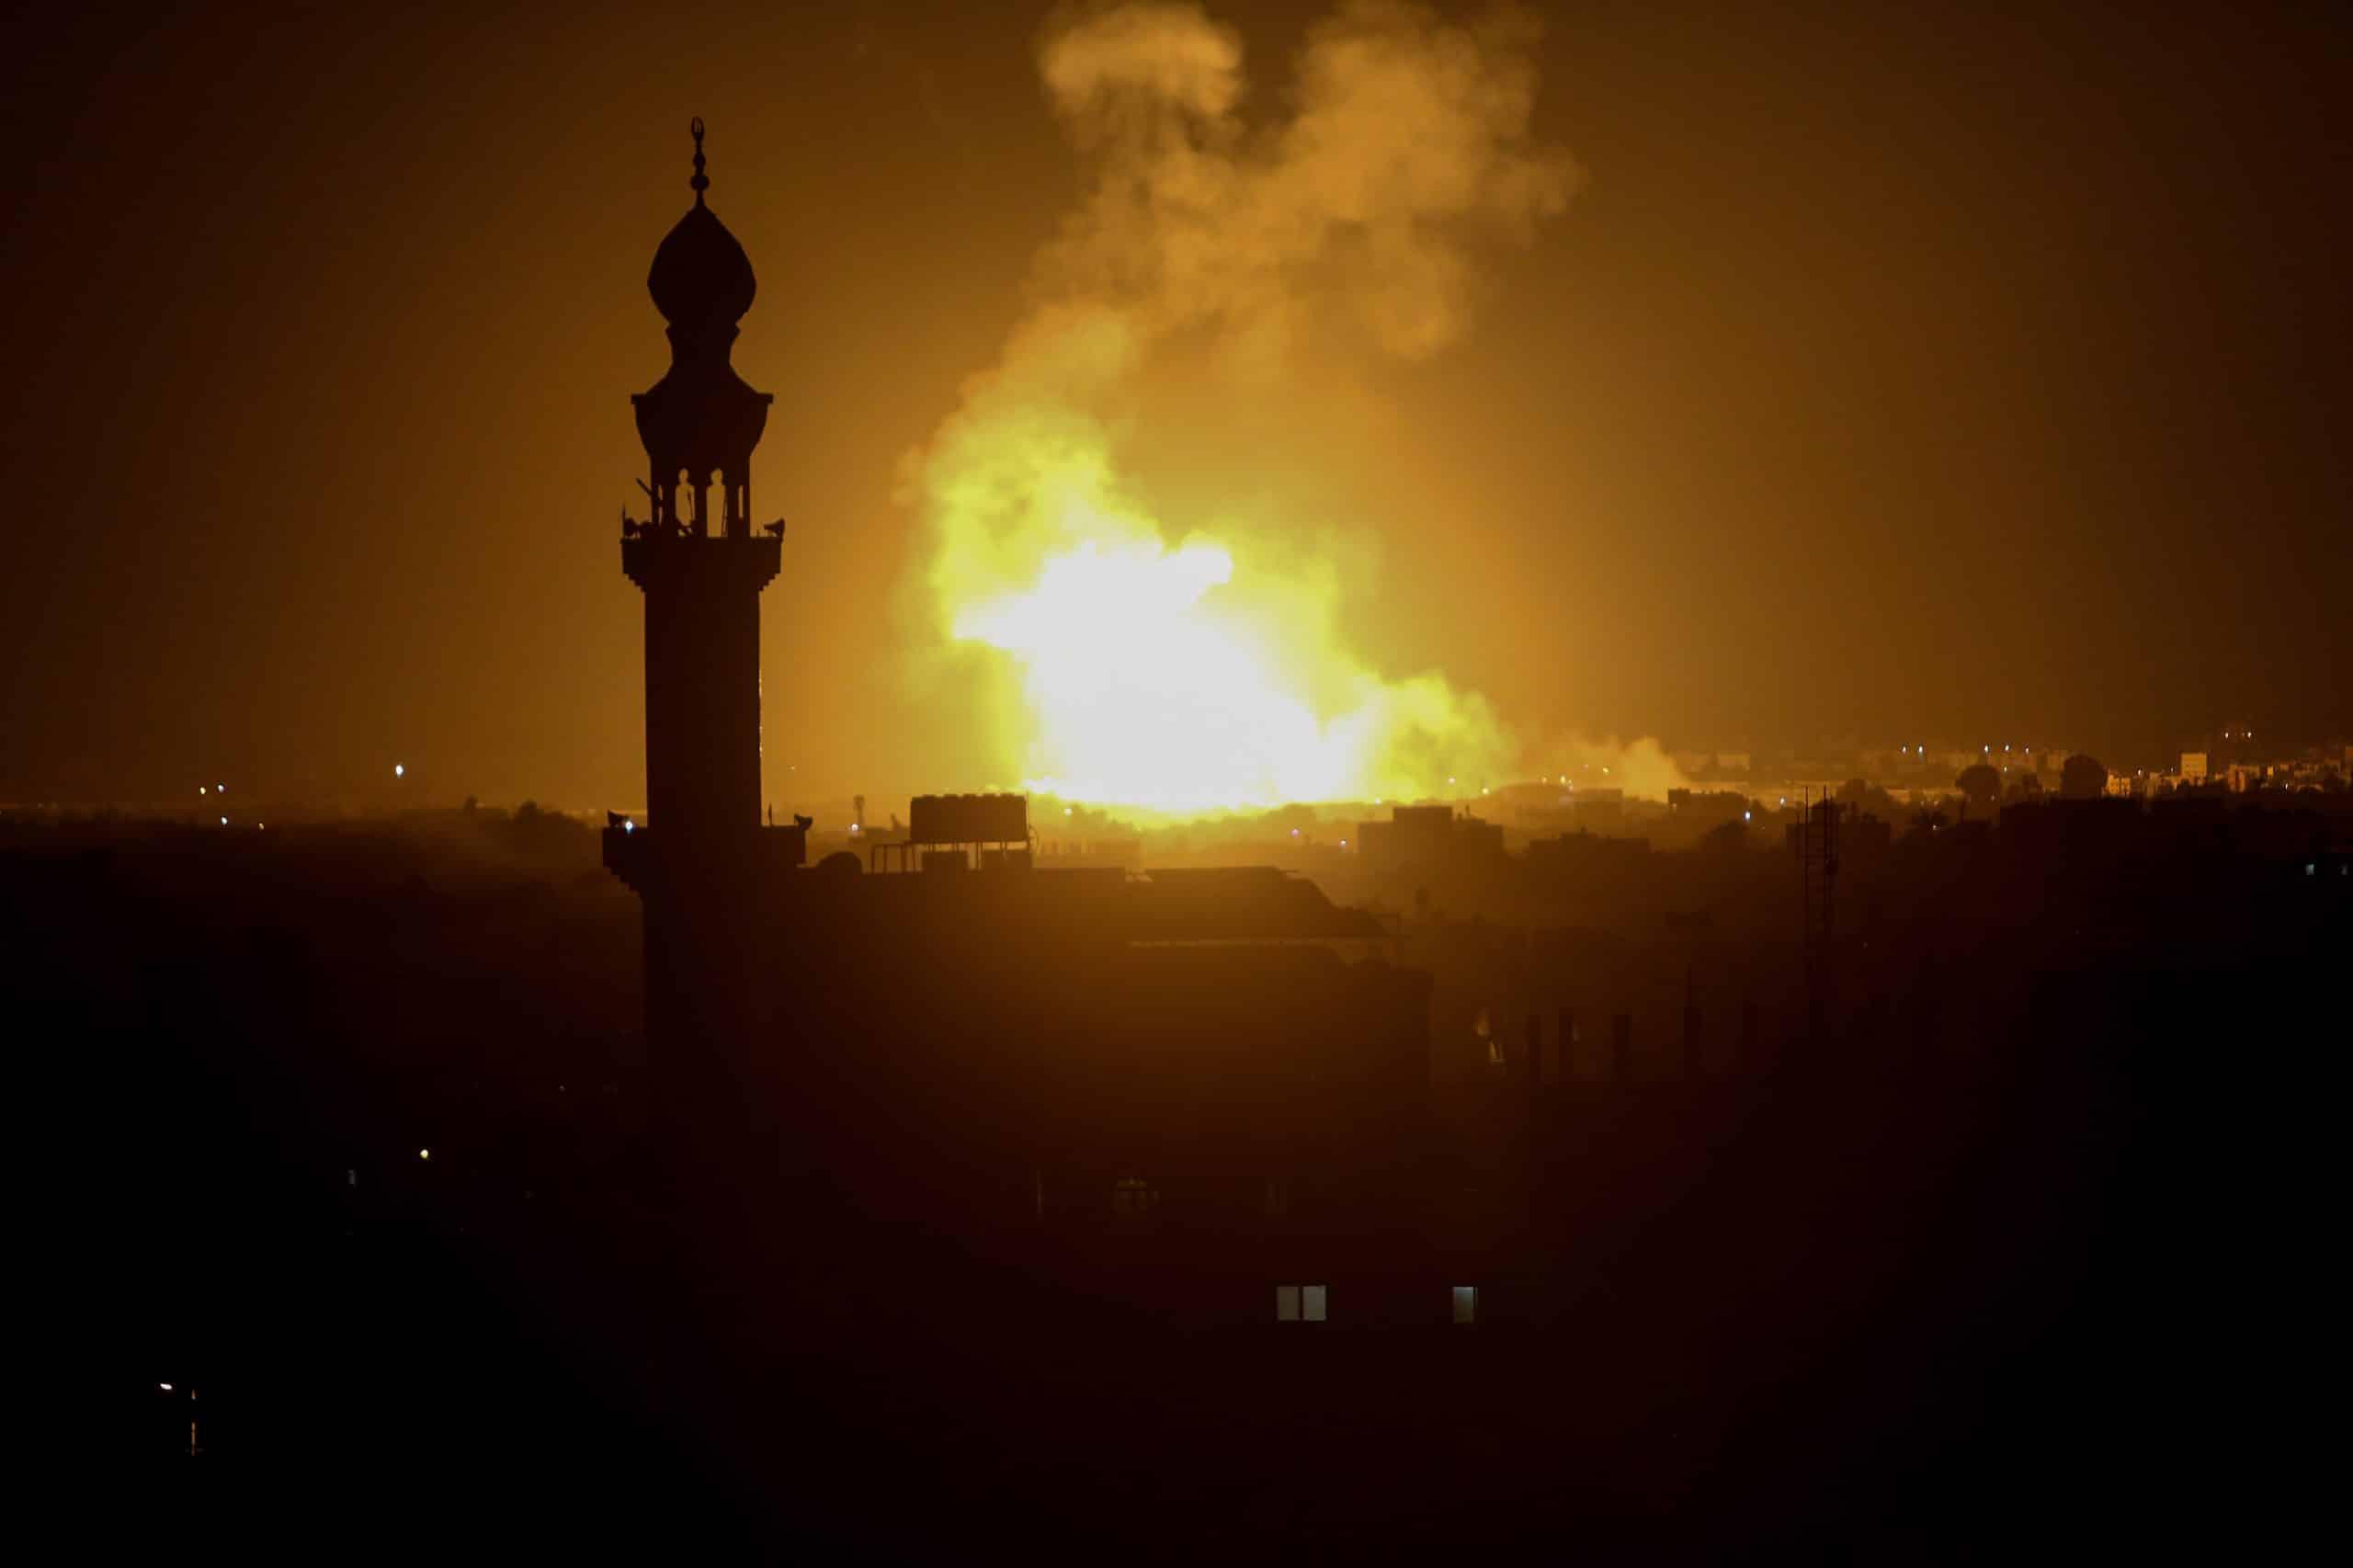 СМИ: ЦАХАЛ преувеличил успехи операции по уничтожению подземных тоннелей ХАМАСа